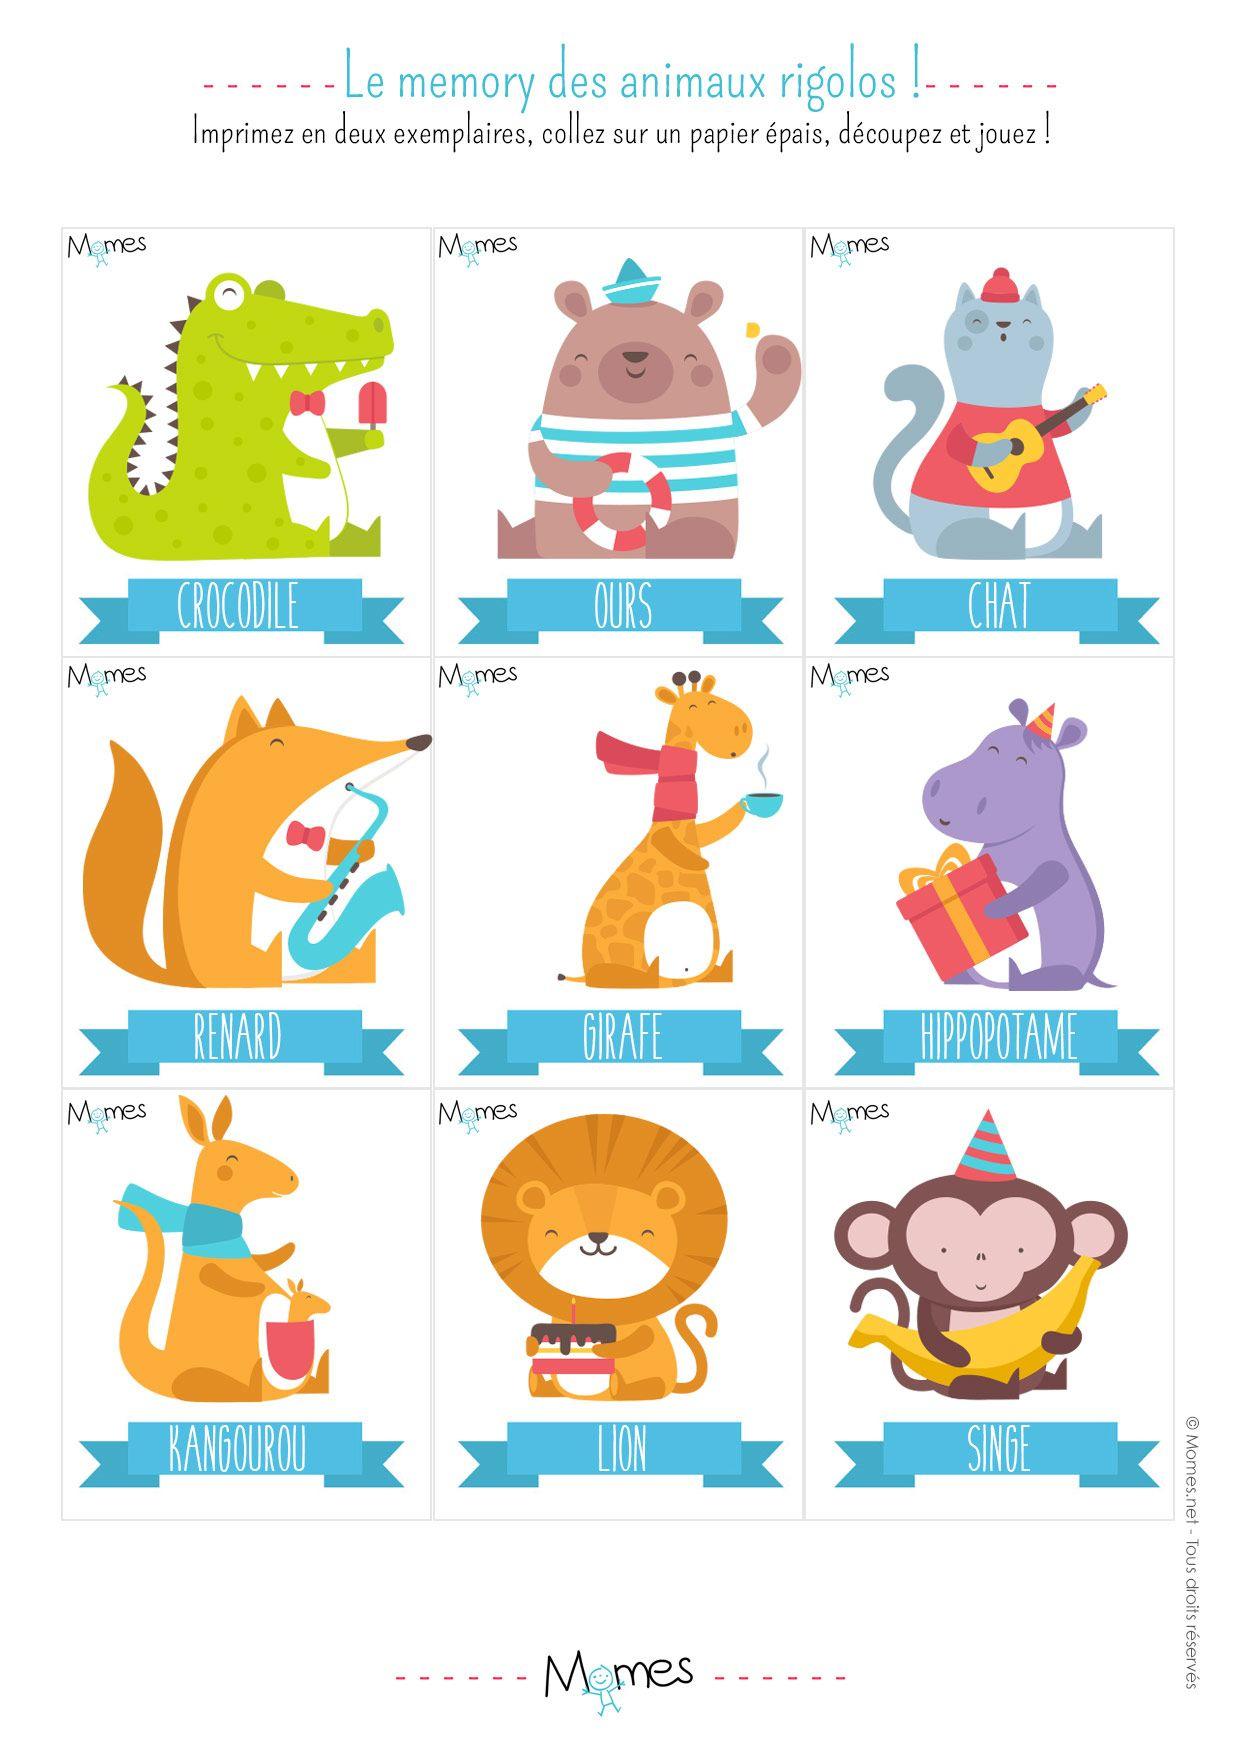 Memory Animaux - Jeu À Imprimer | Jeux A Imprimer, Activités concernant Jeux Animaux Enfant